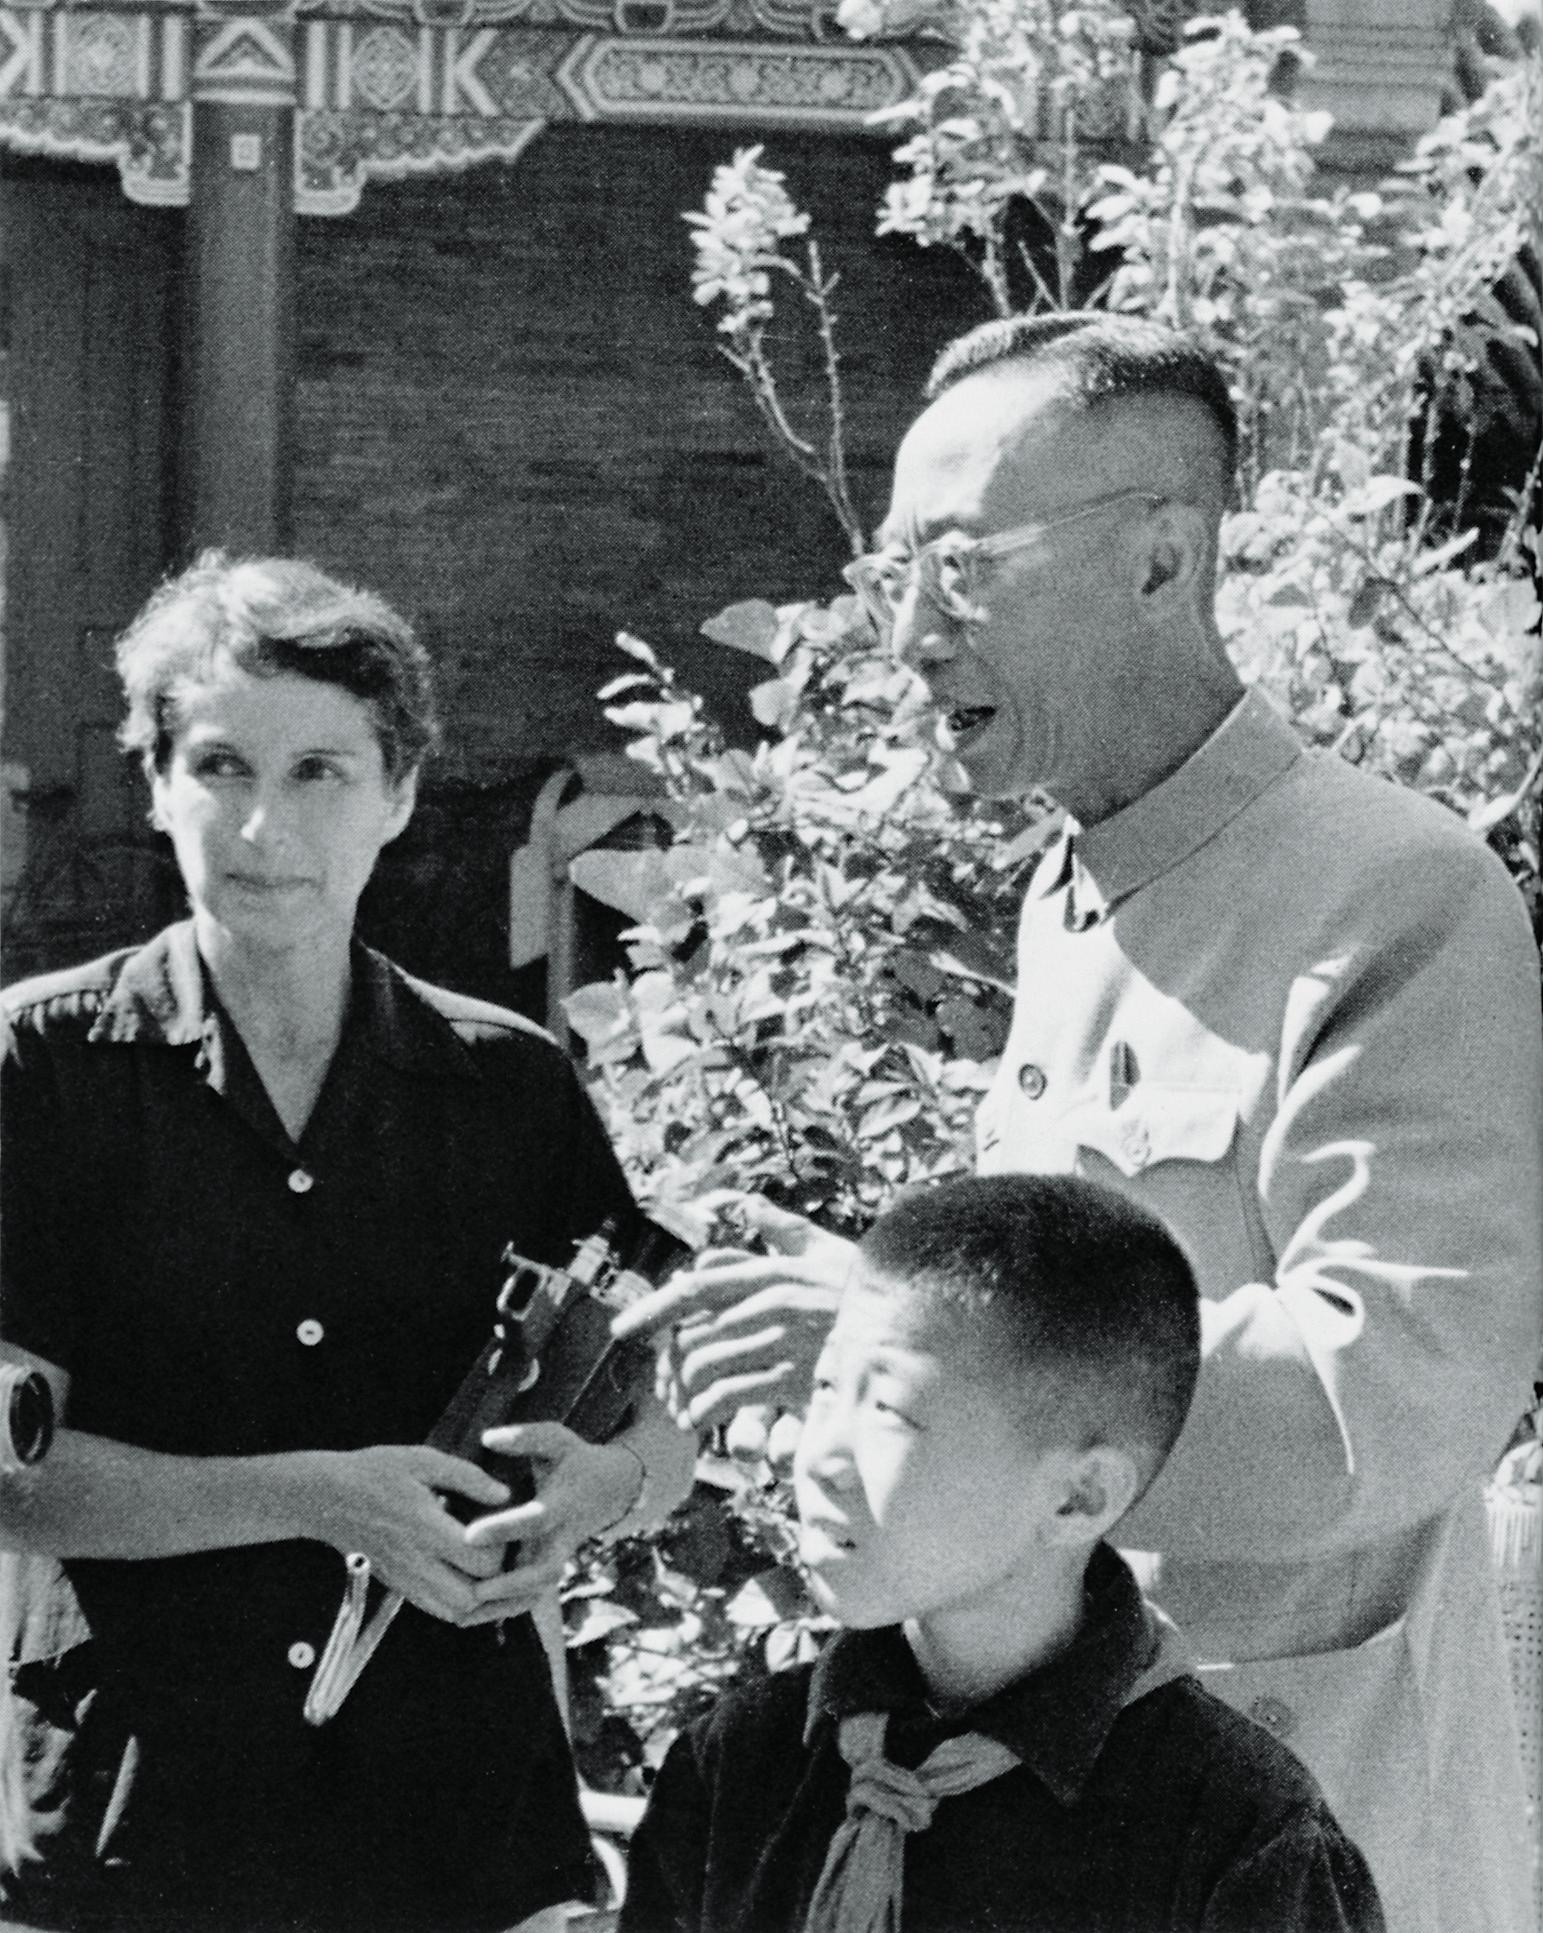 愛新覚羅溥儀のと幼少期の王昭